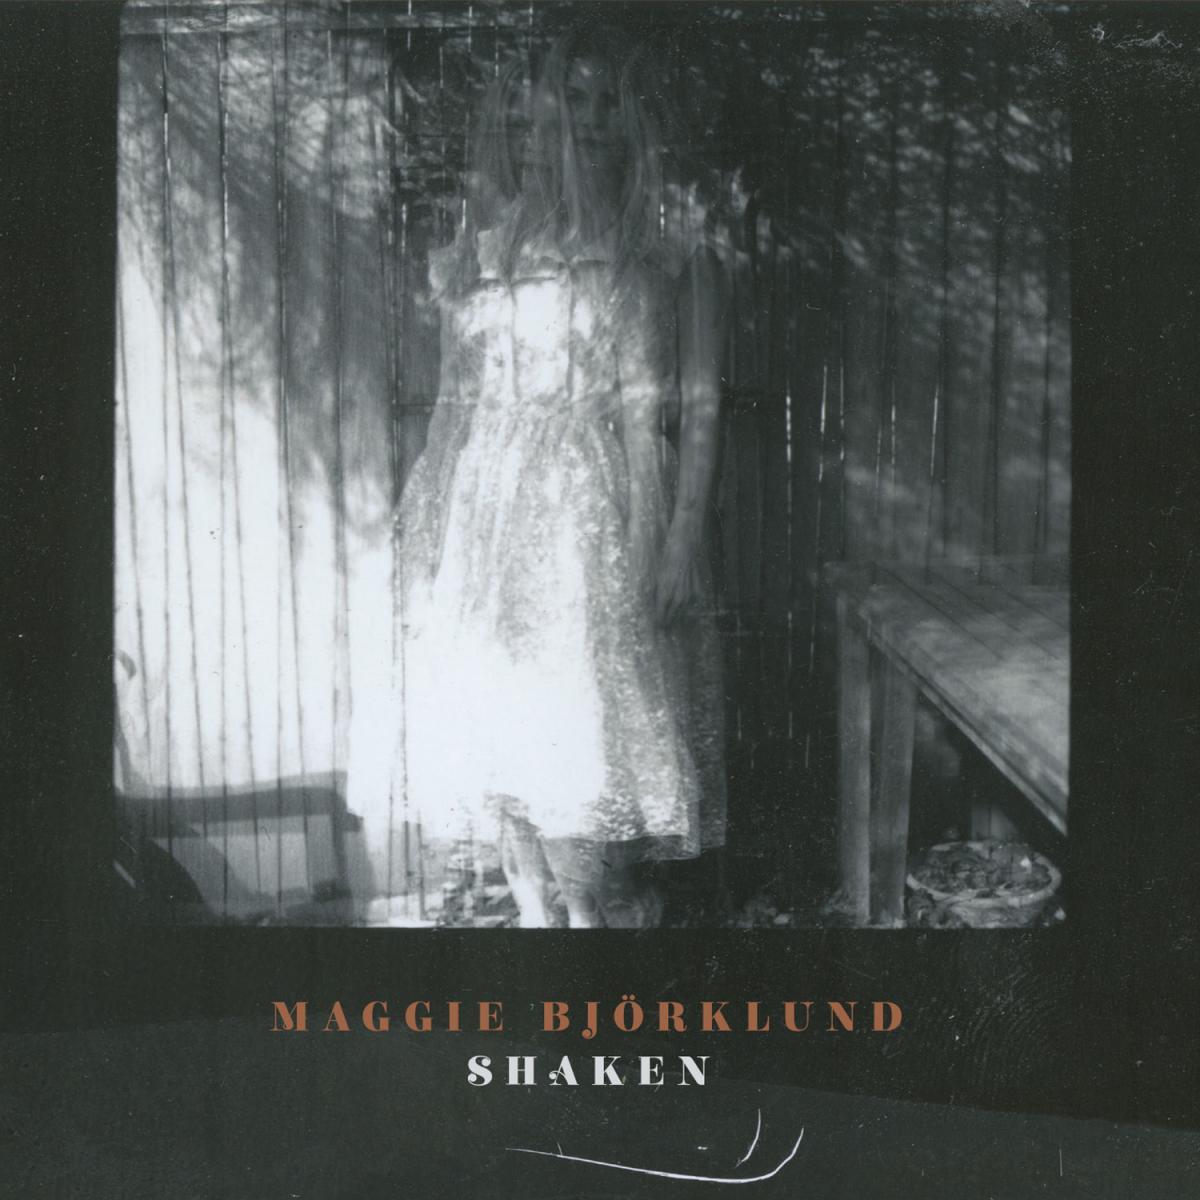 maggie-bjorklund-shaken